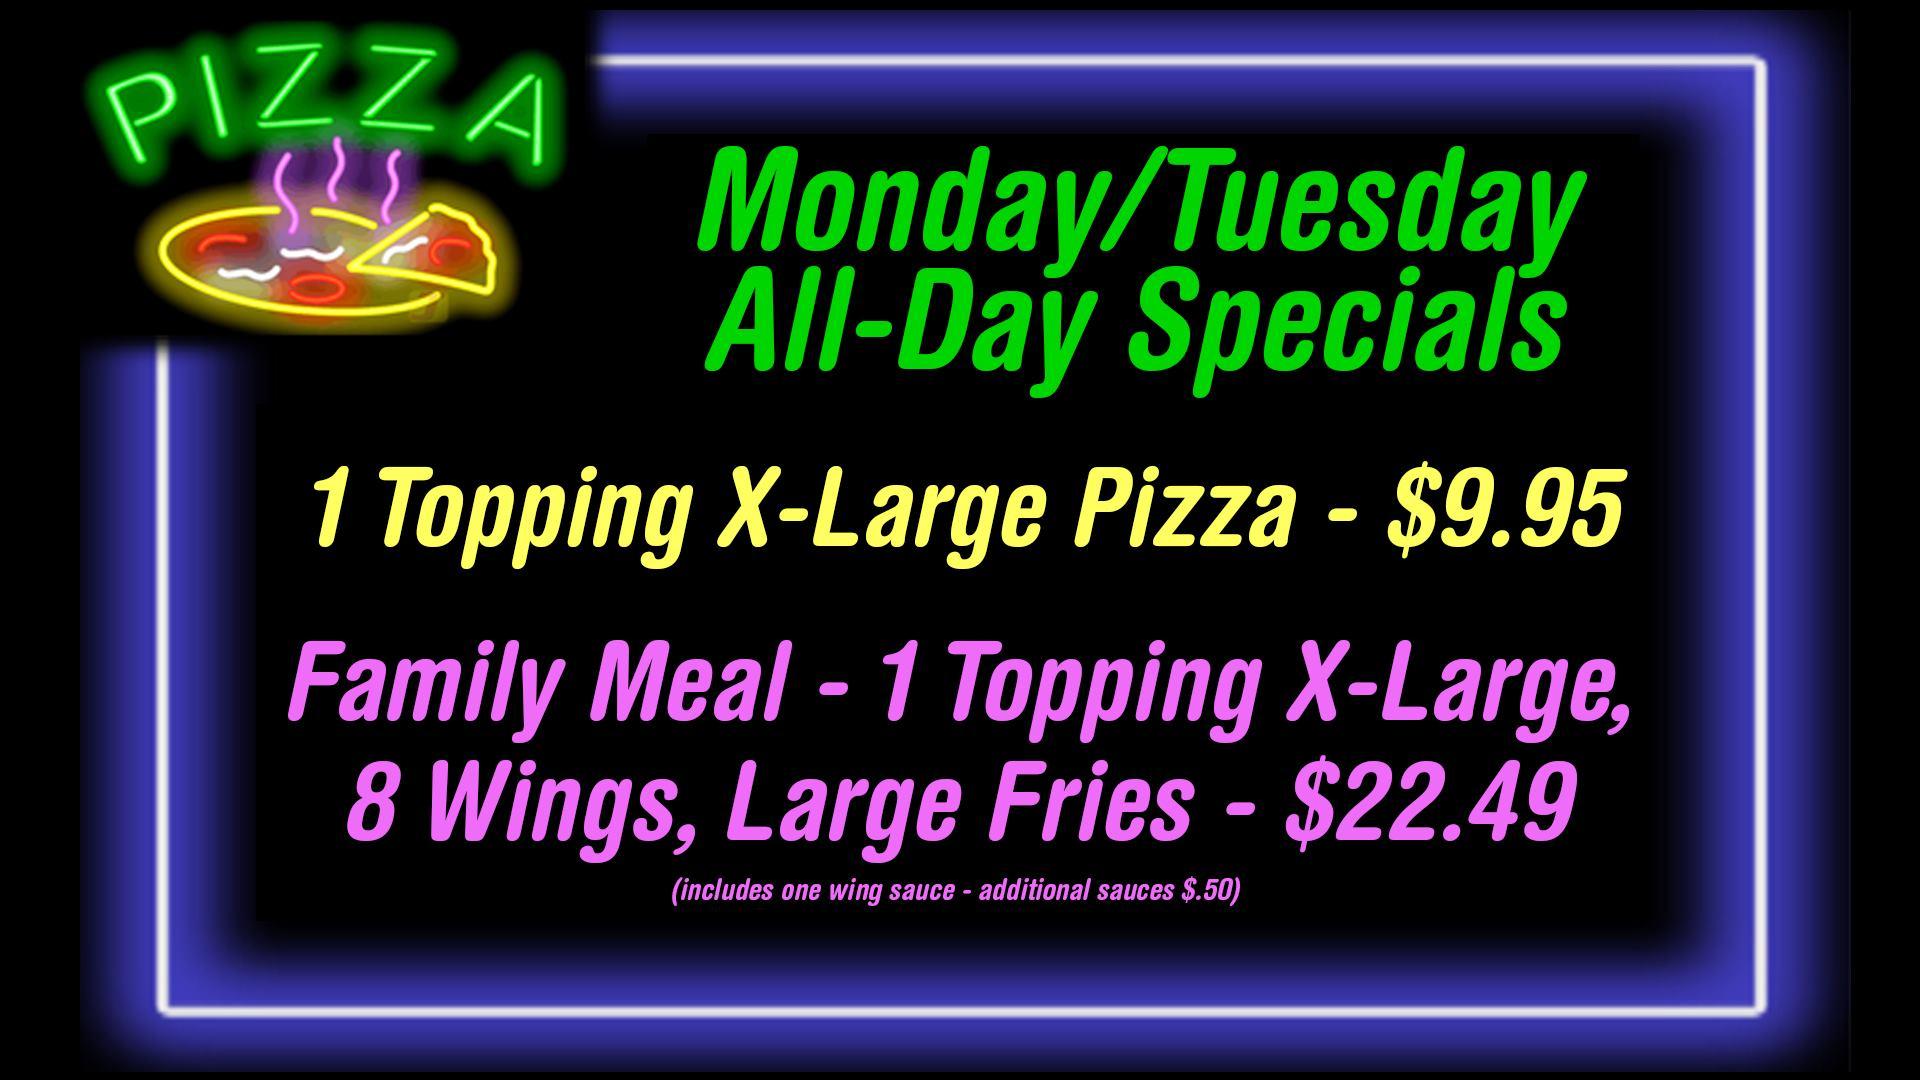 Kingpin Pizza 2510 E Carson St, Lakewood